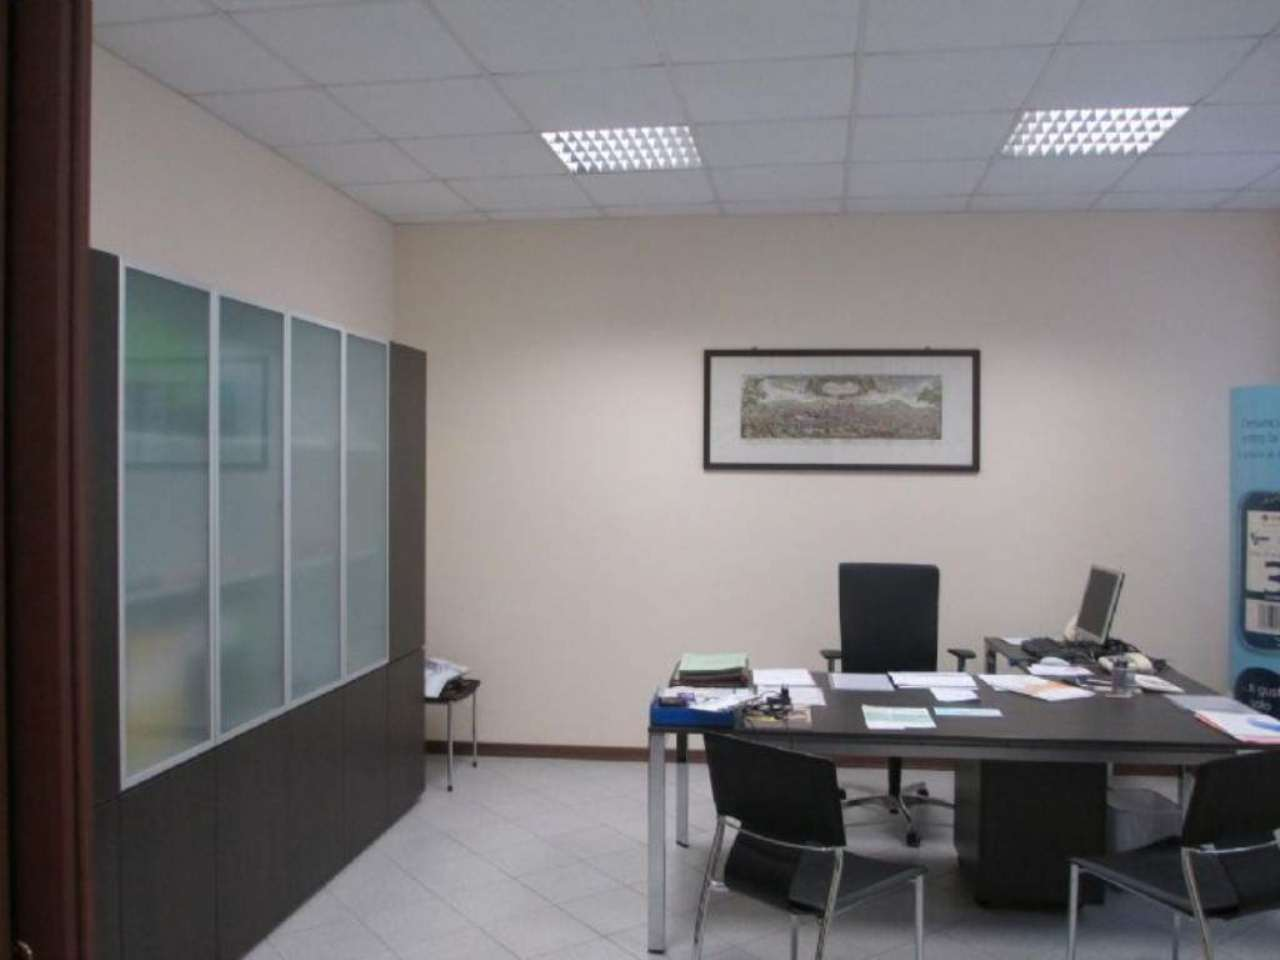 Ufficio / Studio in vendita a Soresina, 4 locali, prezzo € 105.000 | CambioCasa.it